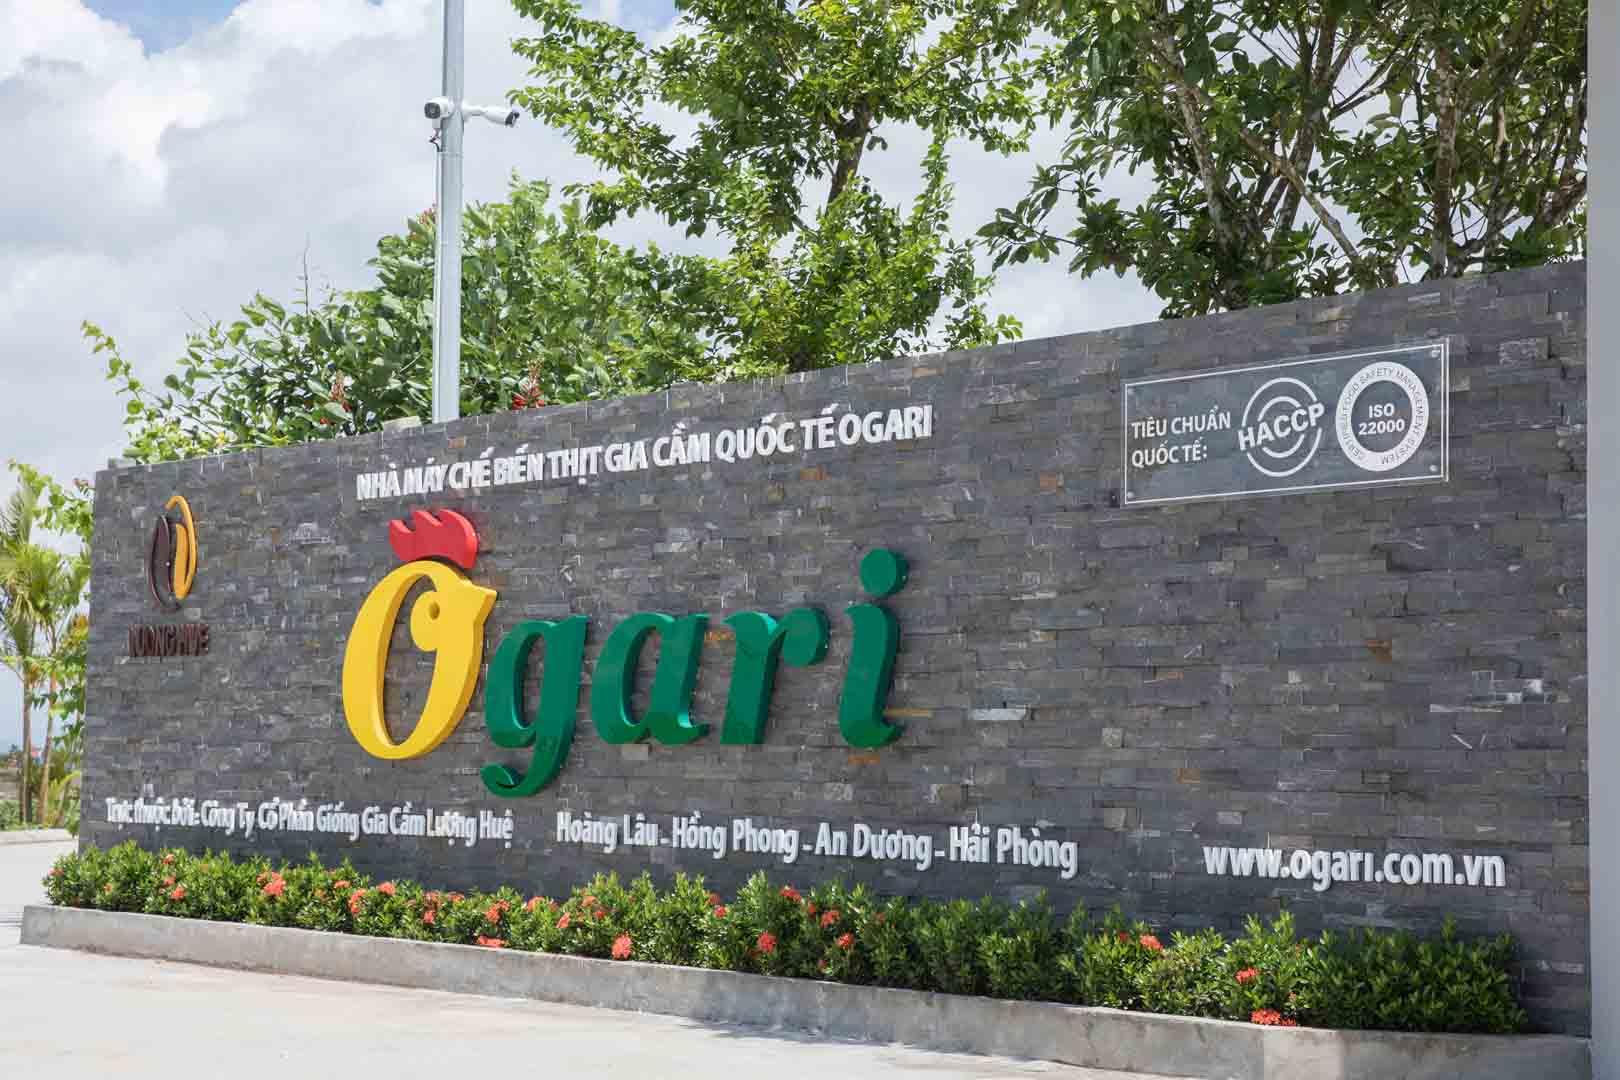 Nhà máy Ogari